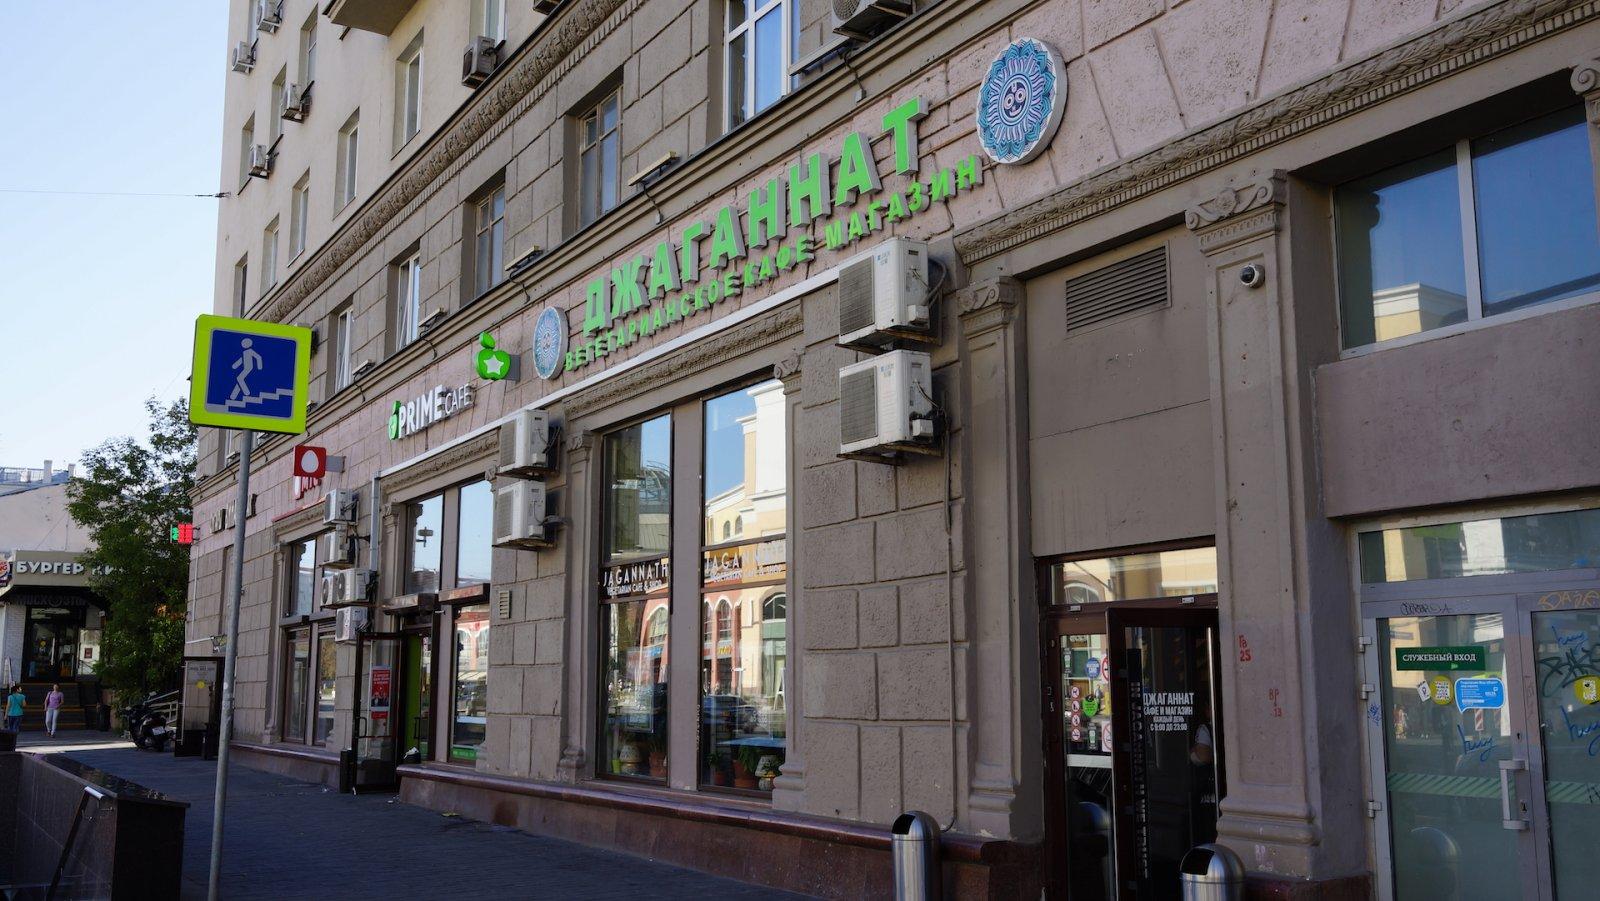 Садовое кольцо, ресторан Джаганнат на ул. Земляной Вал 24:30с1, Москва 11.08.2018 г.JPG